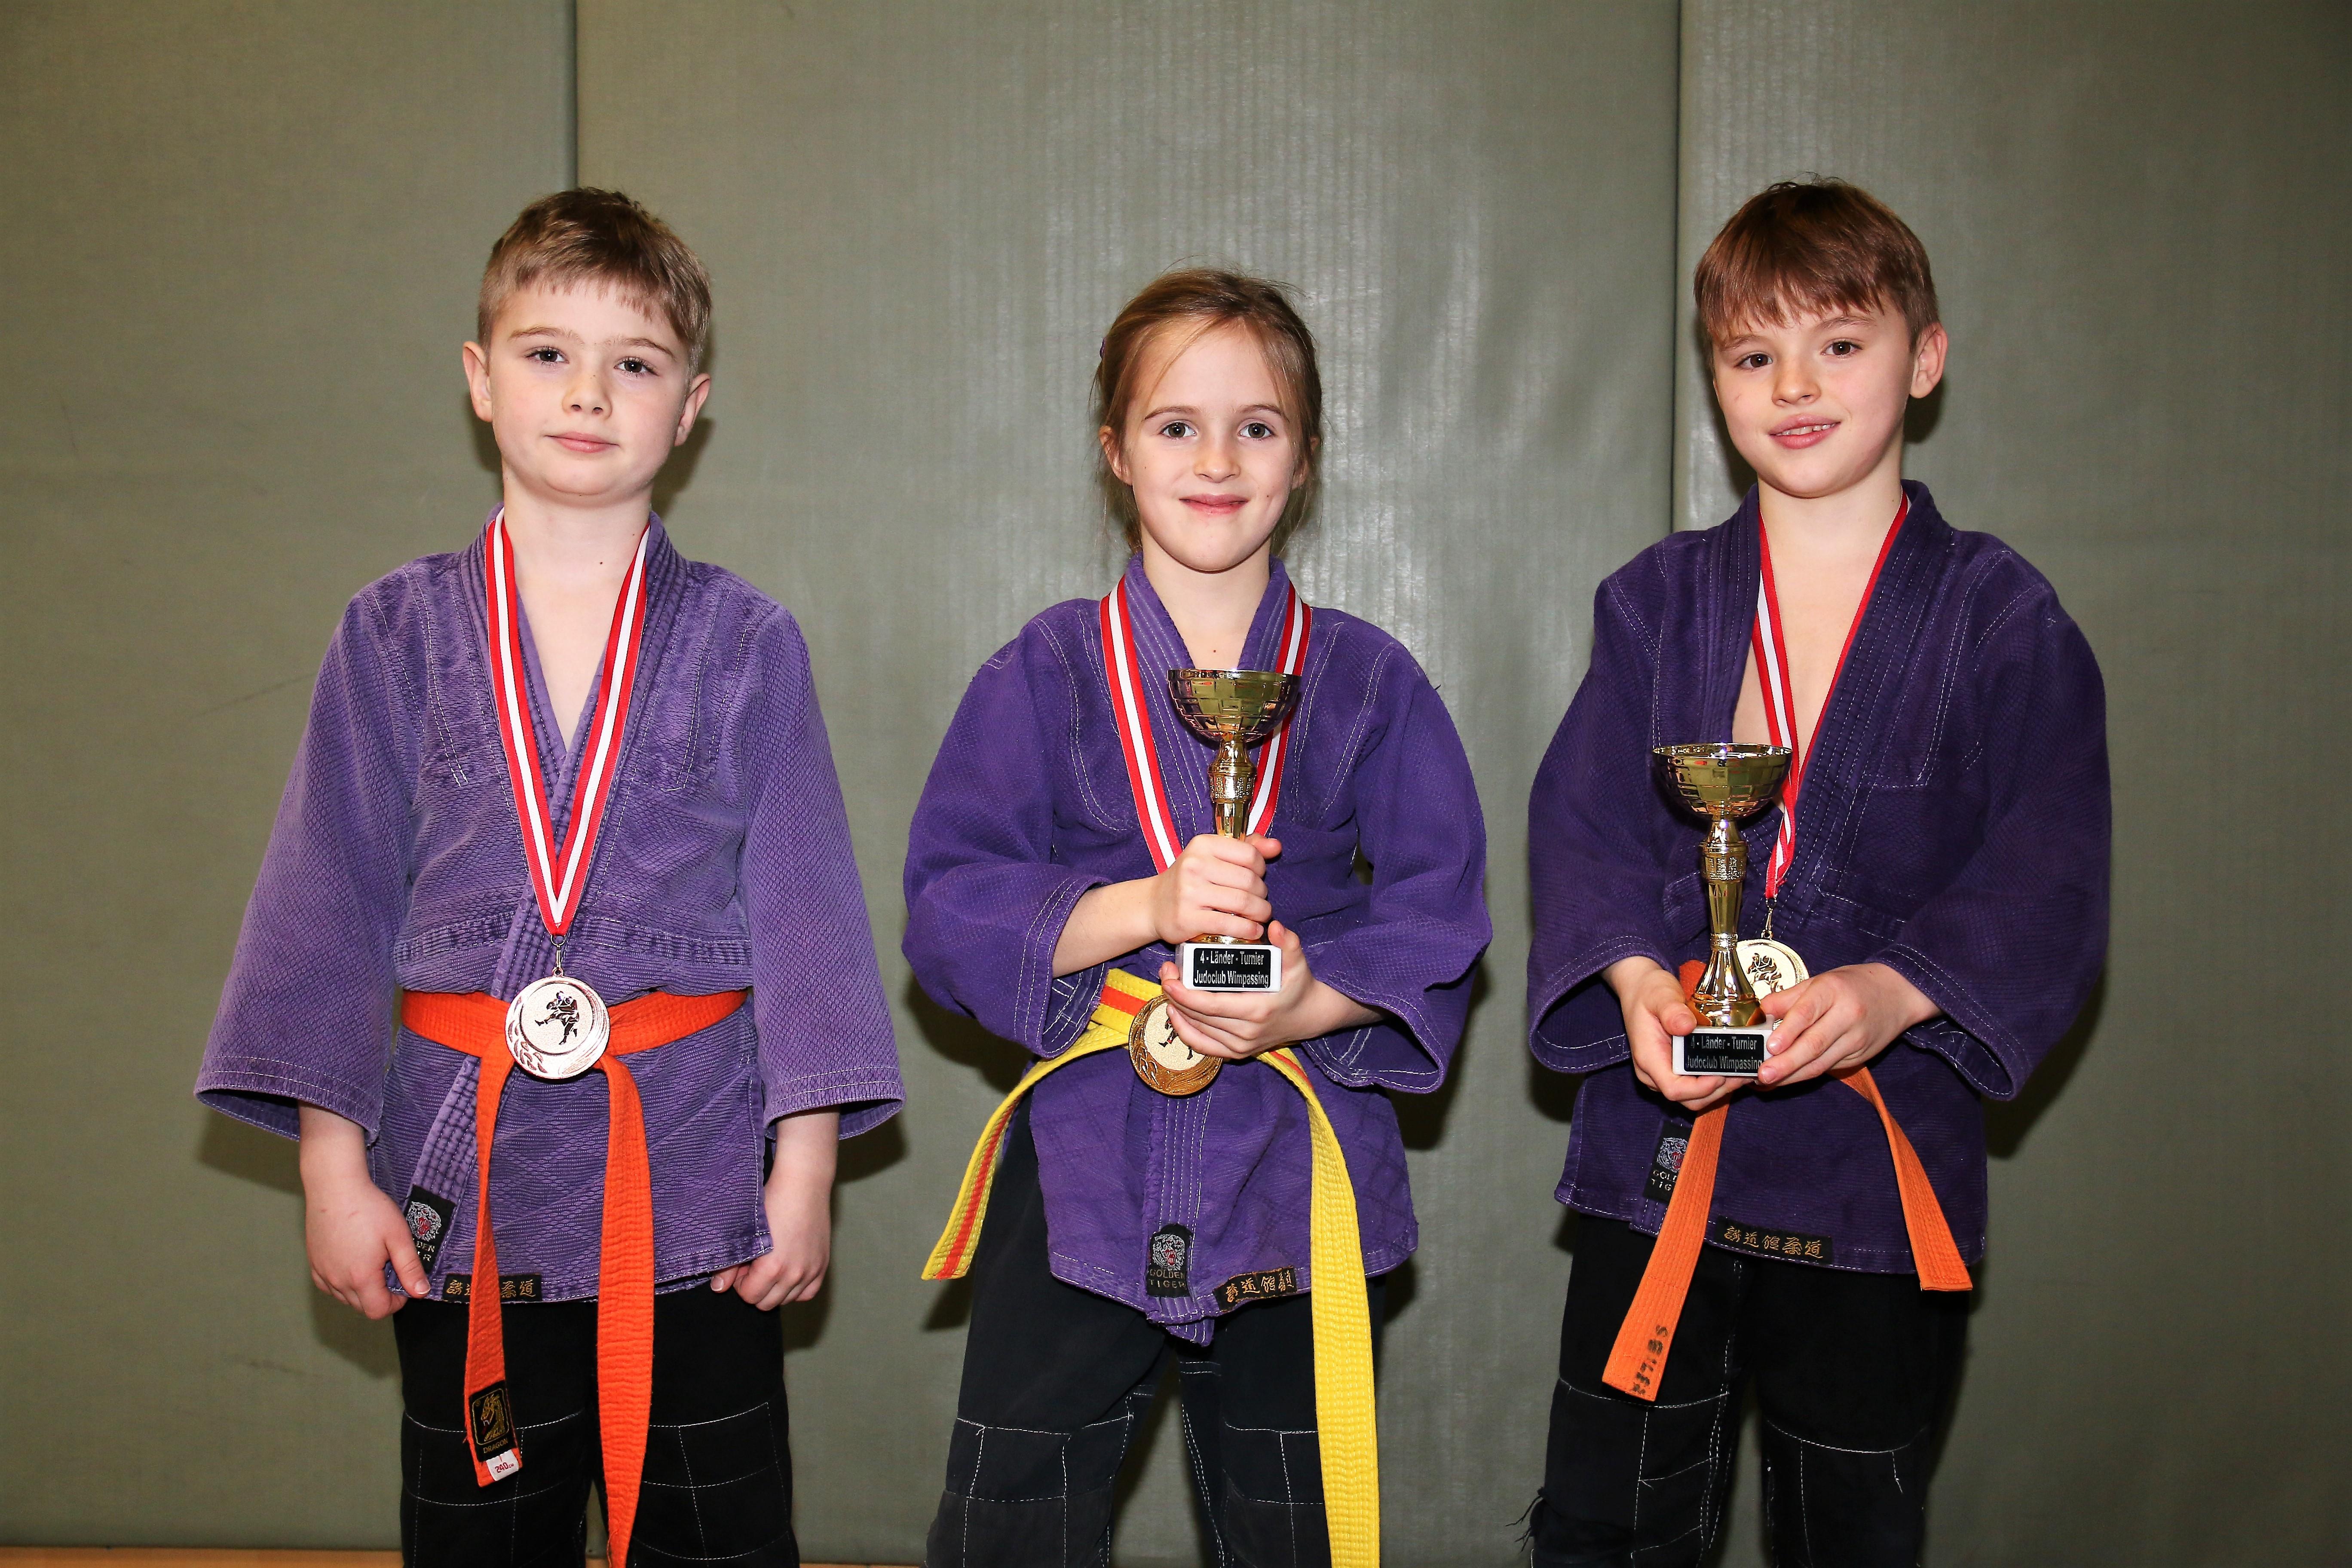 Judoka-Nachwuchs startete erfolgreich ins neue Sportjahr